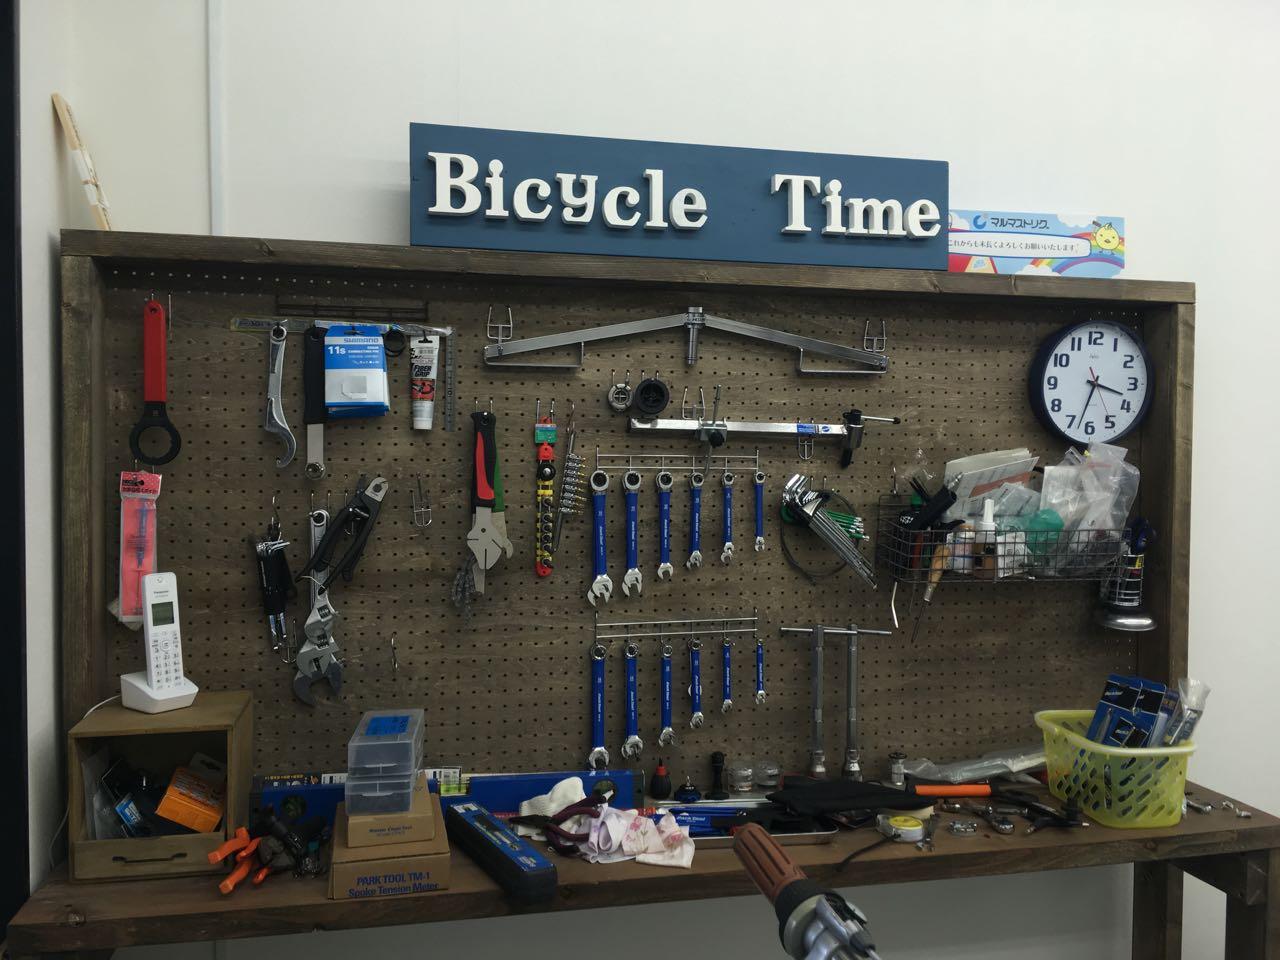 みとん今治,bicycletime,バイシクルタイム,自転車,しまなみ,サイクリスト,サイクリング,愛媛,今治,ehime,imabari